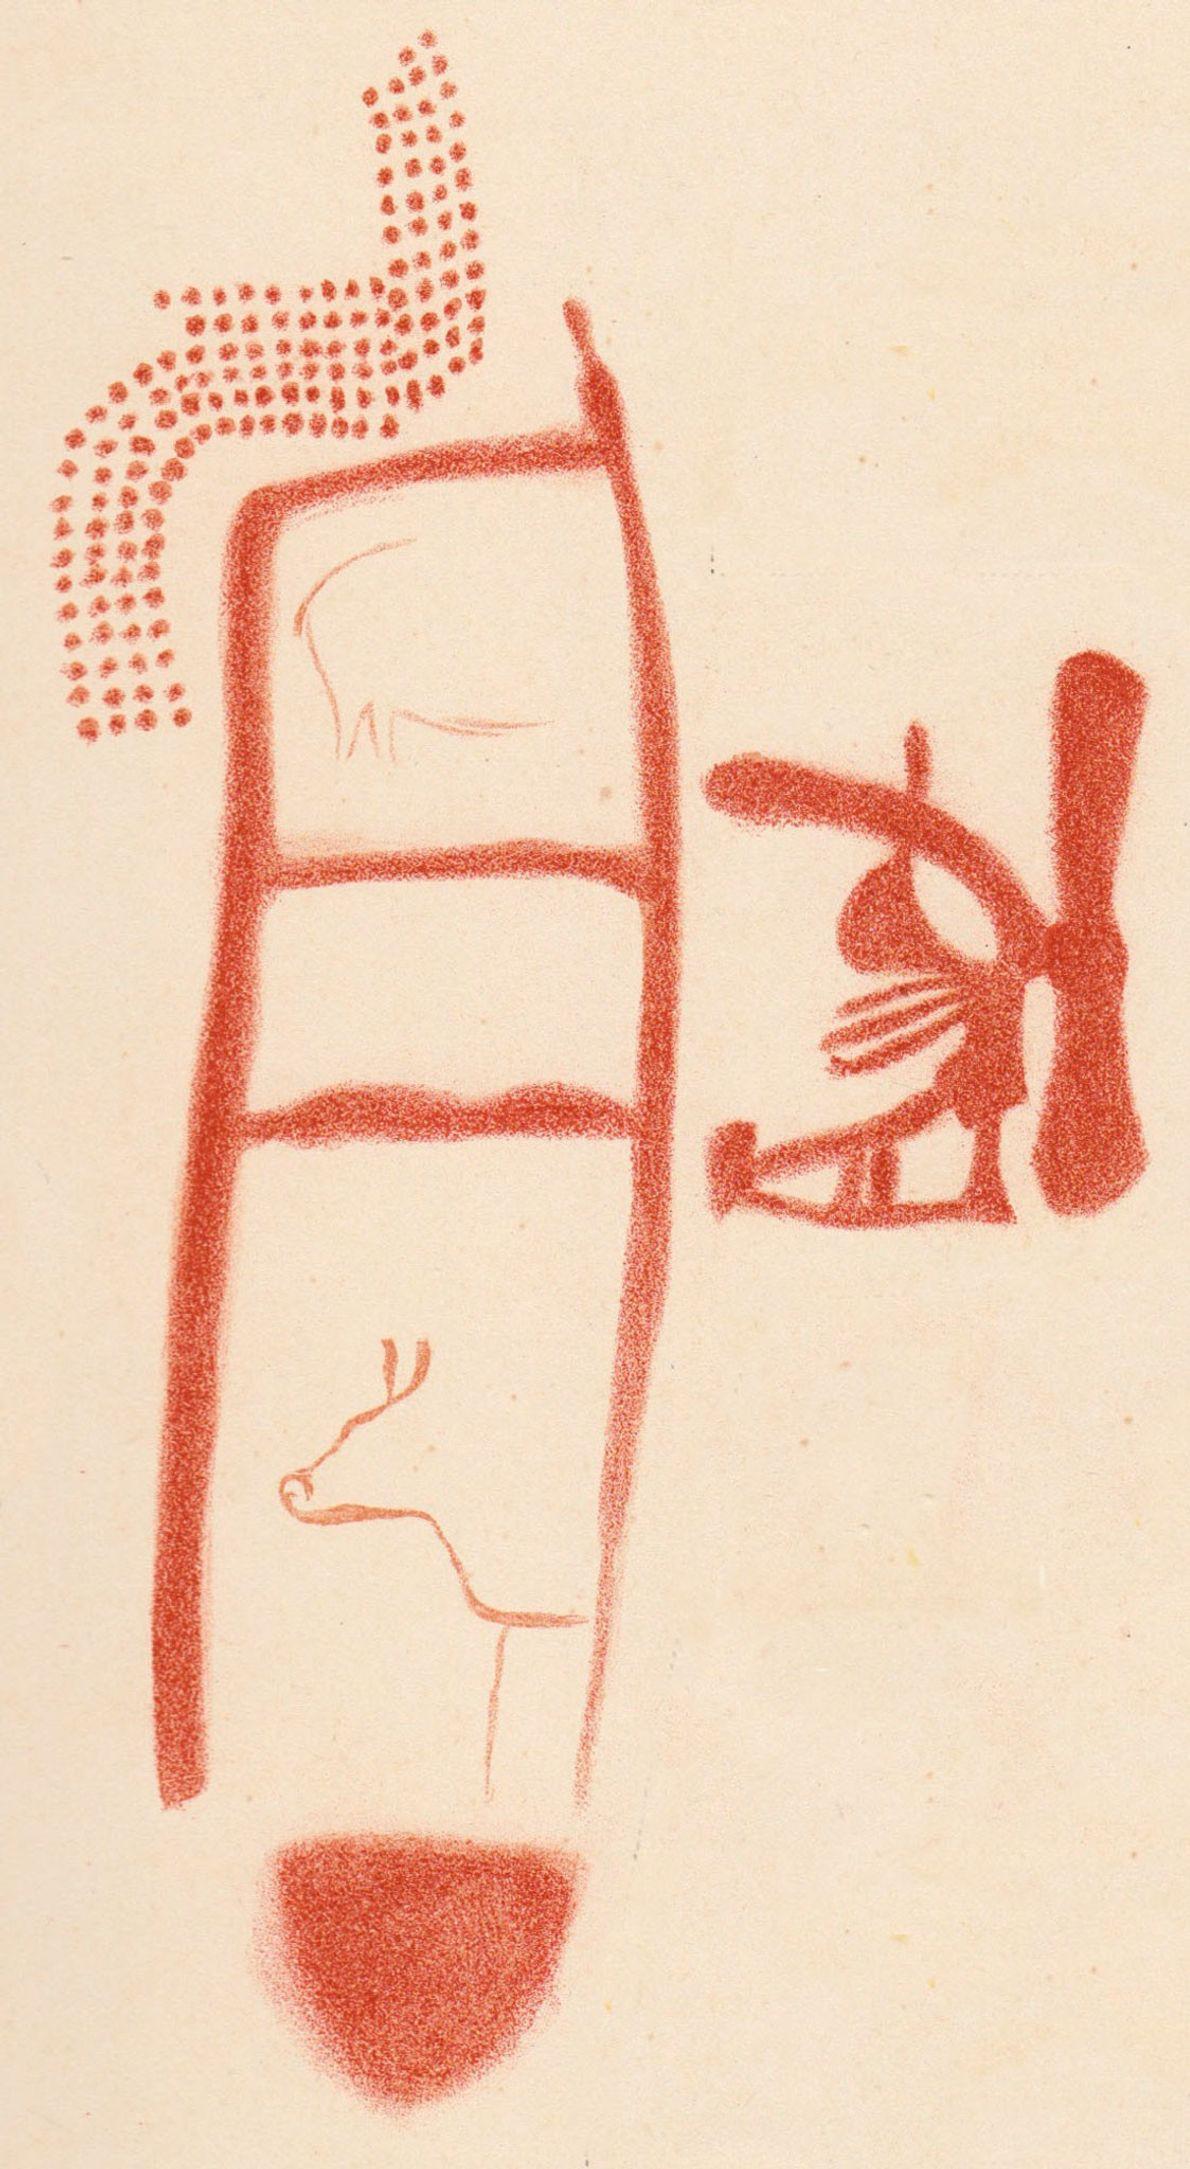 Un dibujo muestra a animales y otros símbolos en torno al trazo con forma de escalera. ...